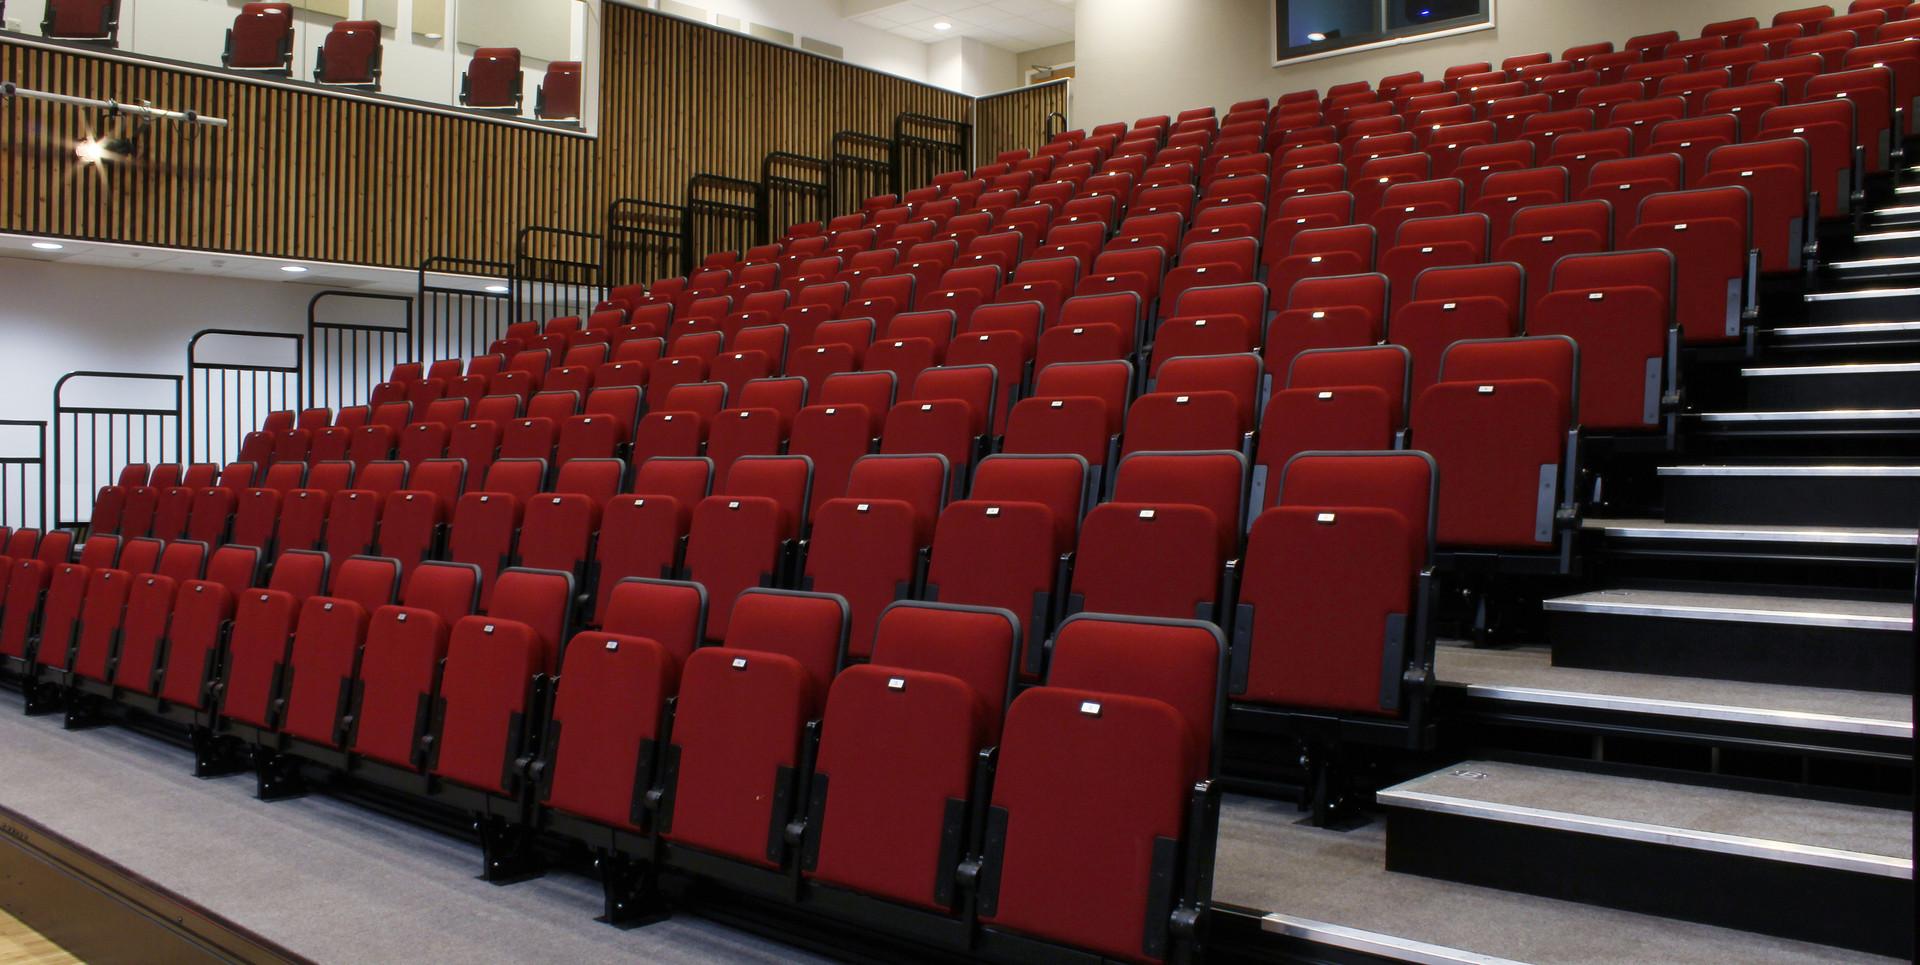 The Auditorium Seating